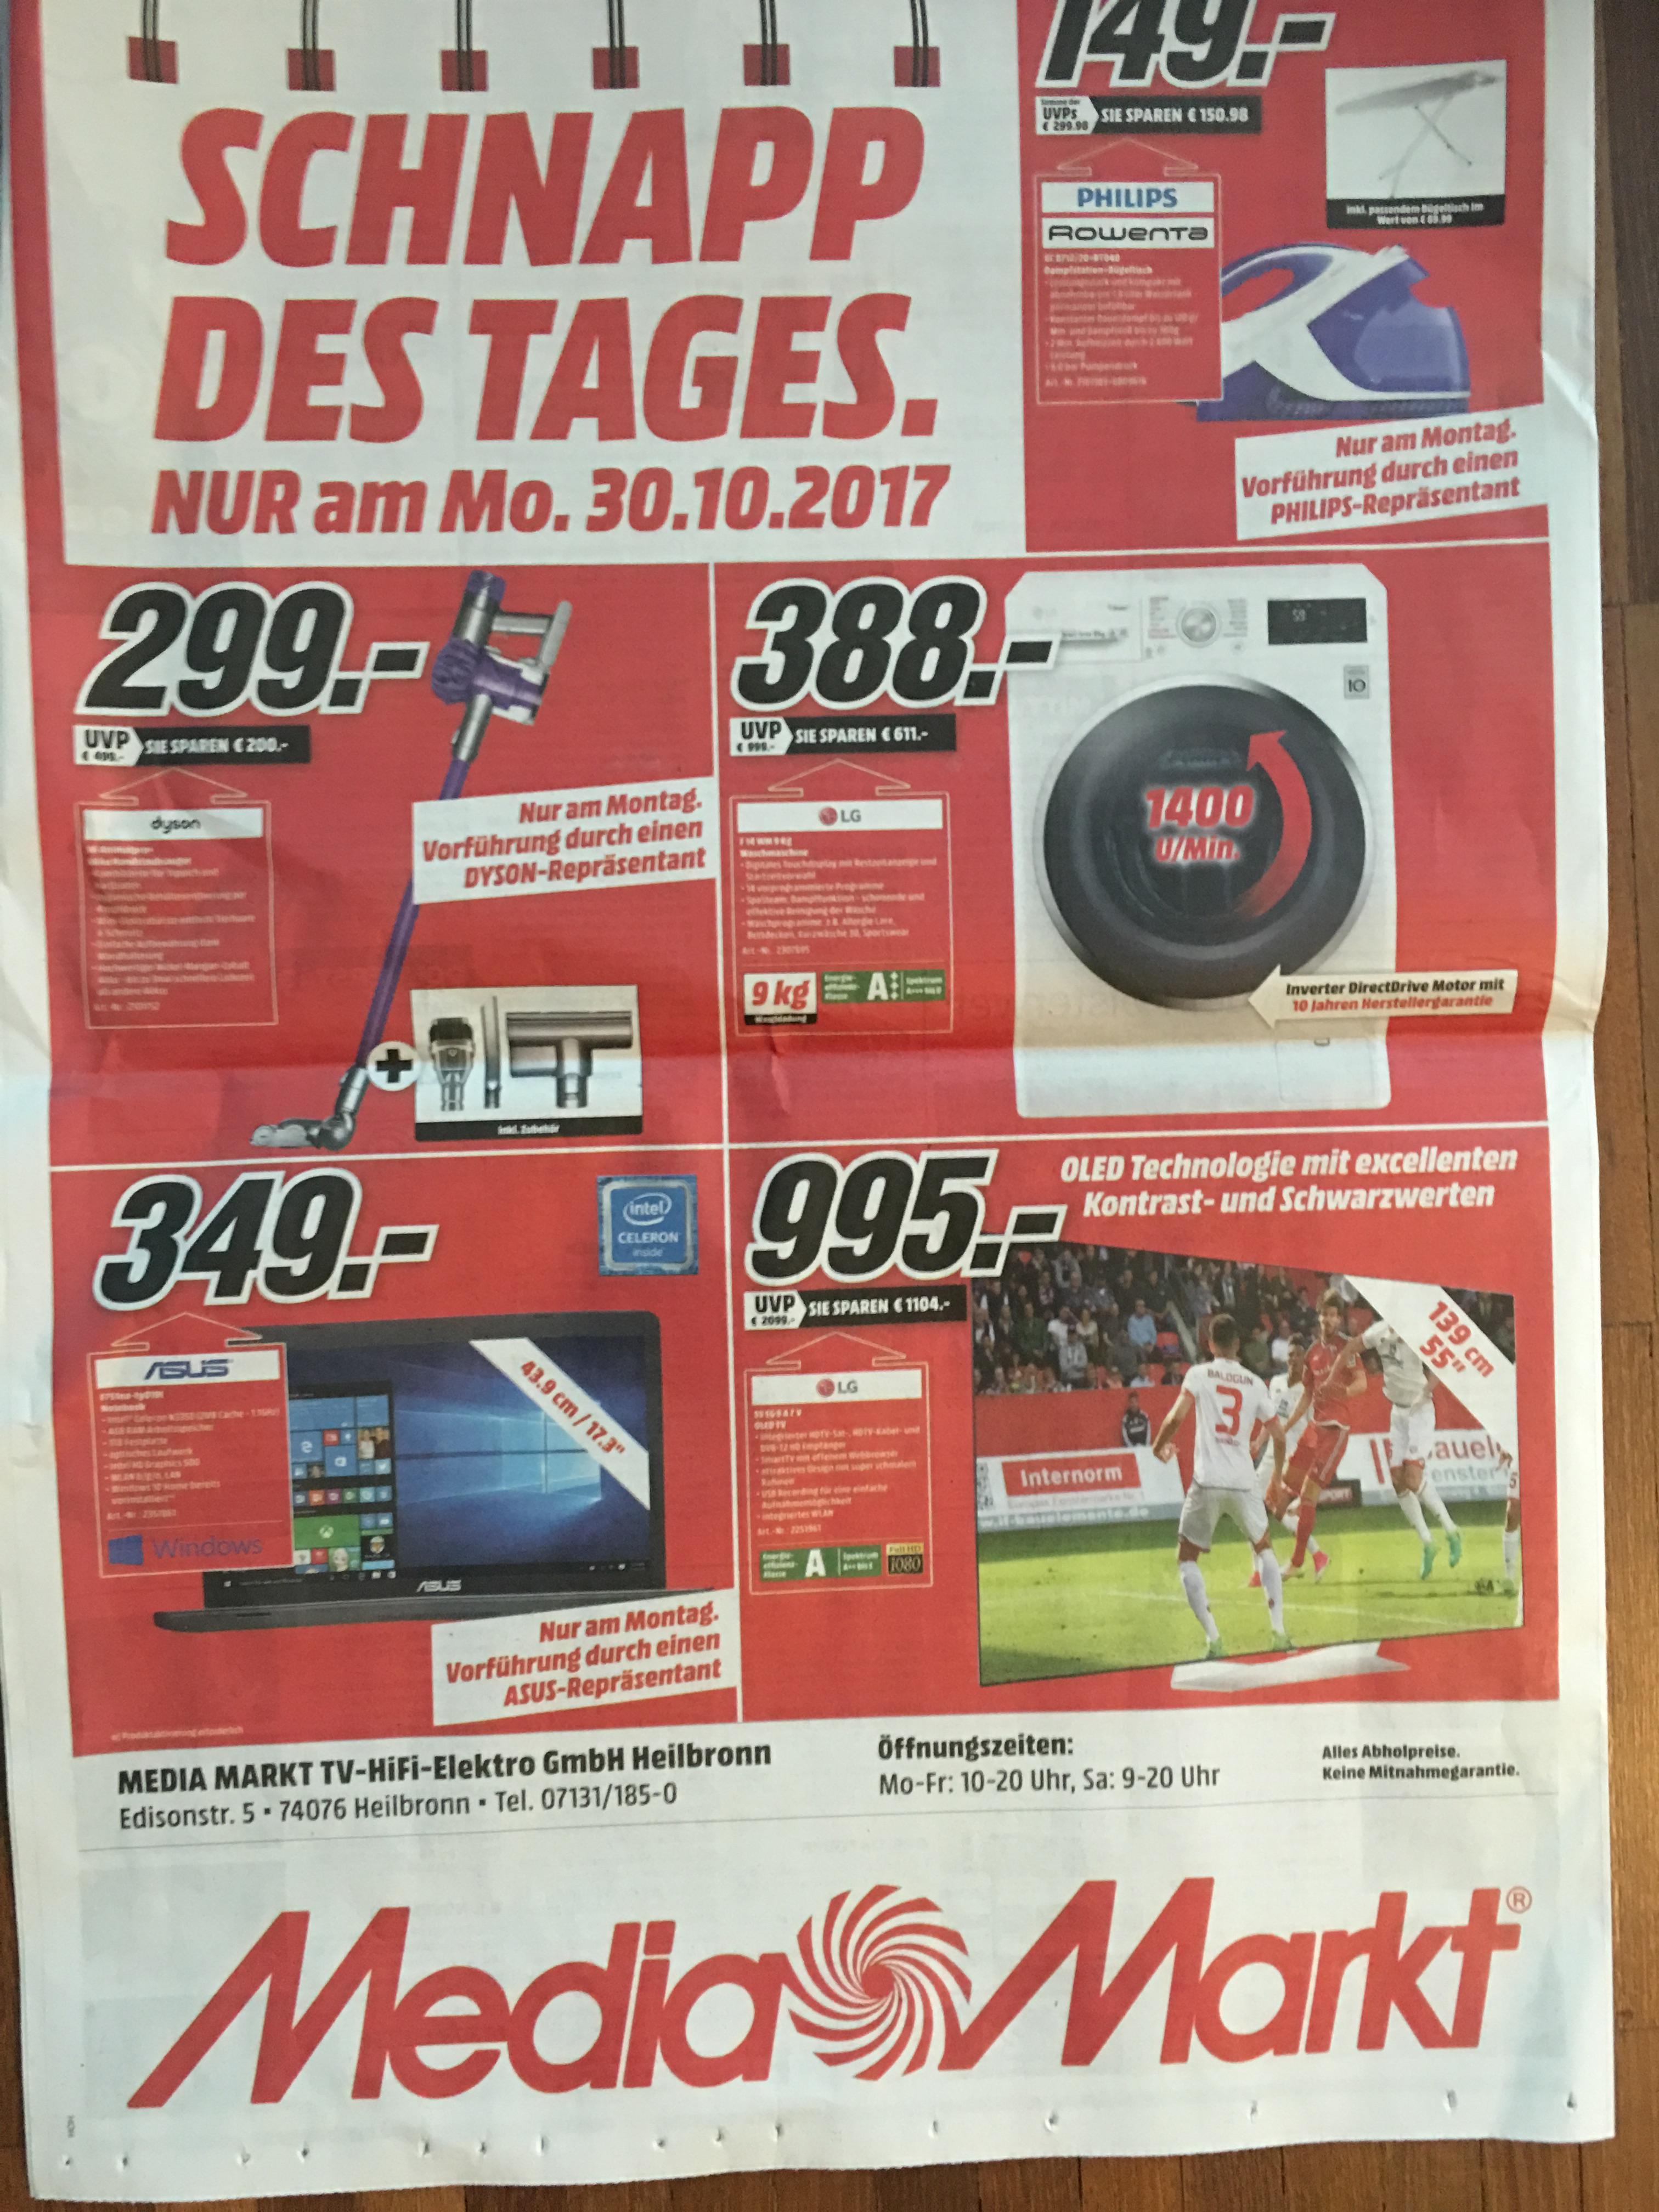 LOKAL Media Markt Heilbronn verkauft den LG 55EG9A7V für 995€ aber nur am 30.10.2017